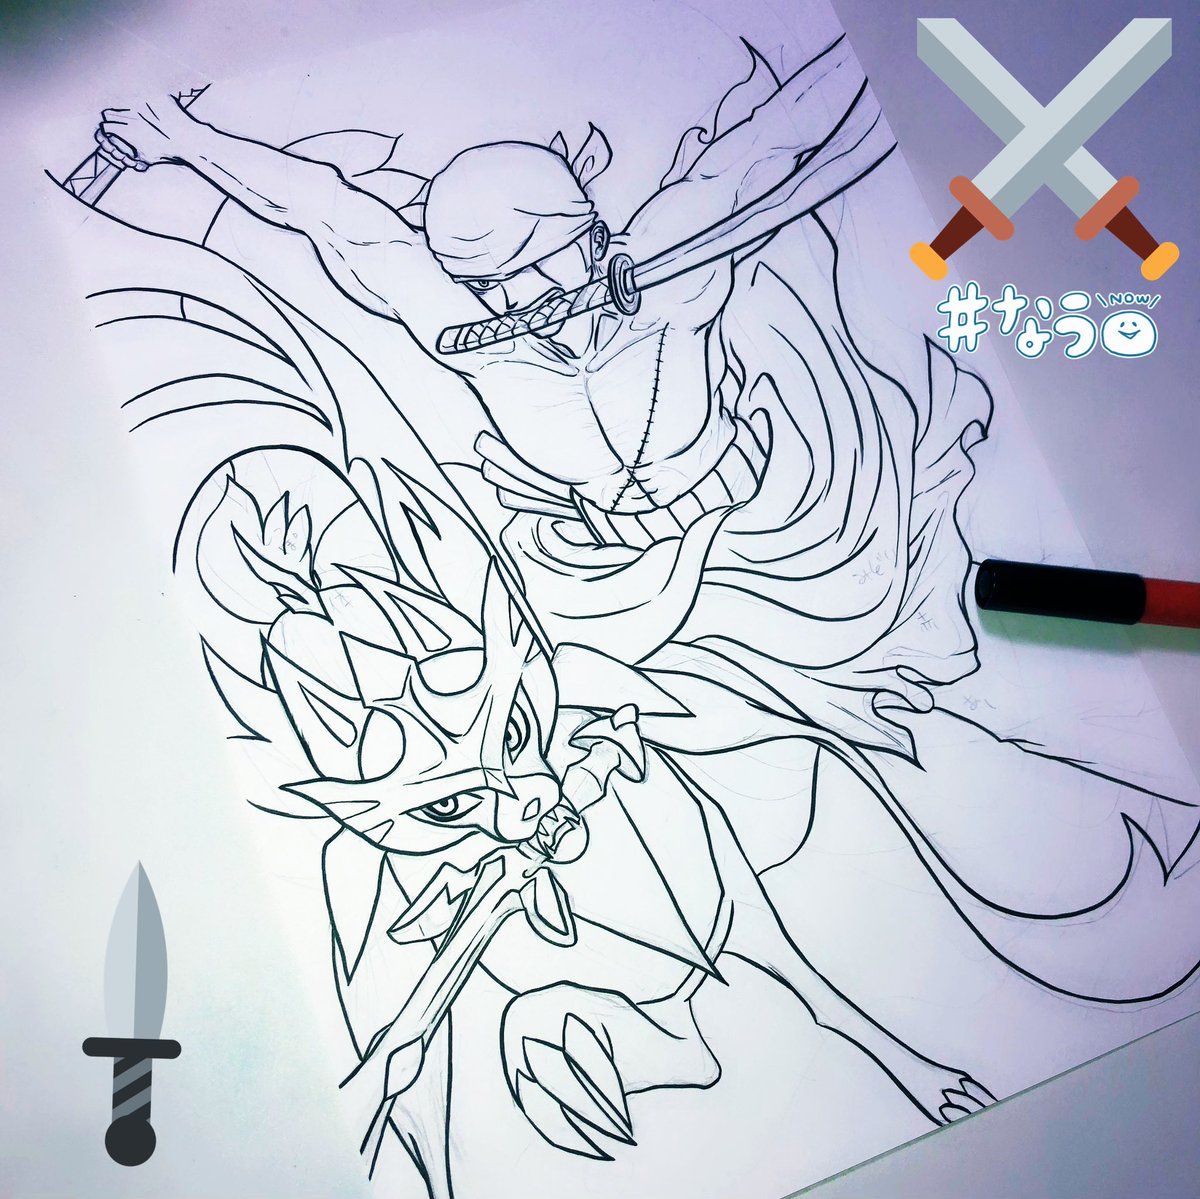 𓊈強子⋰𝕂𝕪𝕠𝕟𓊉どん!🐇໒꒱˚💗破壊と創造やさん💗 on